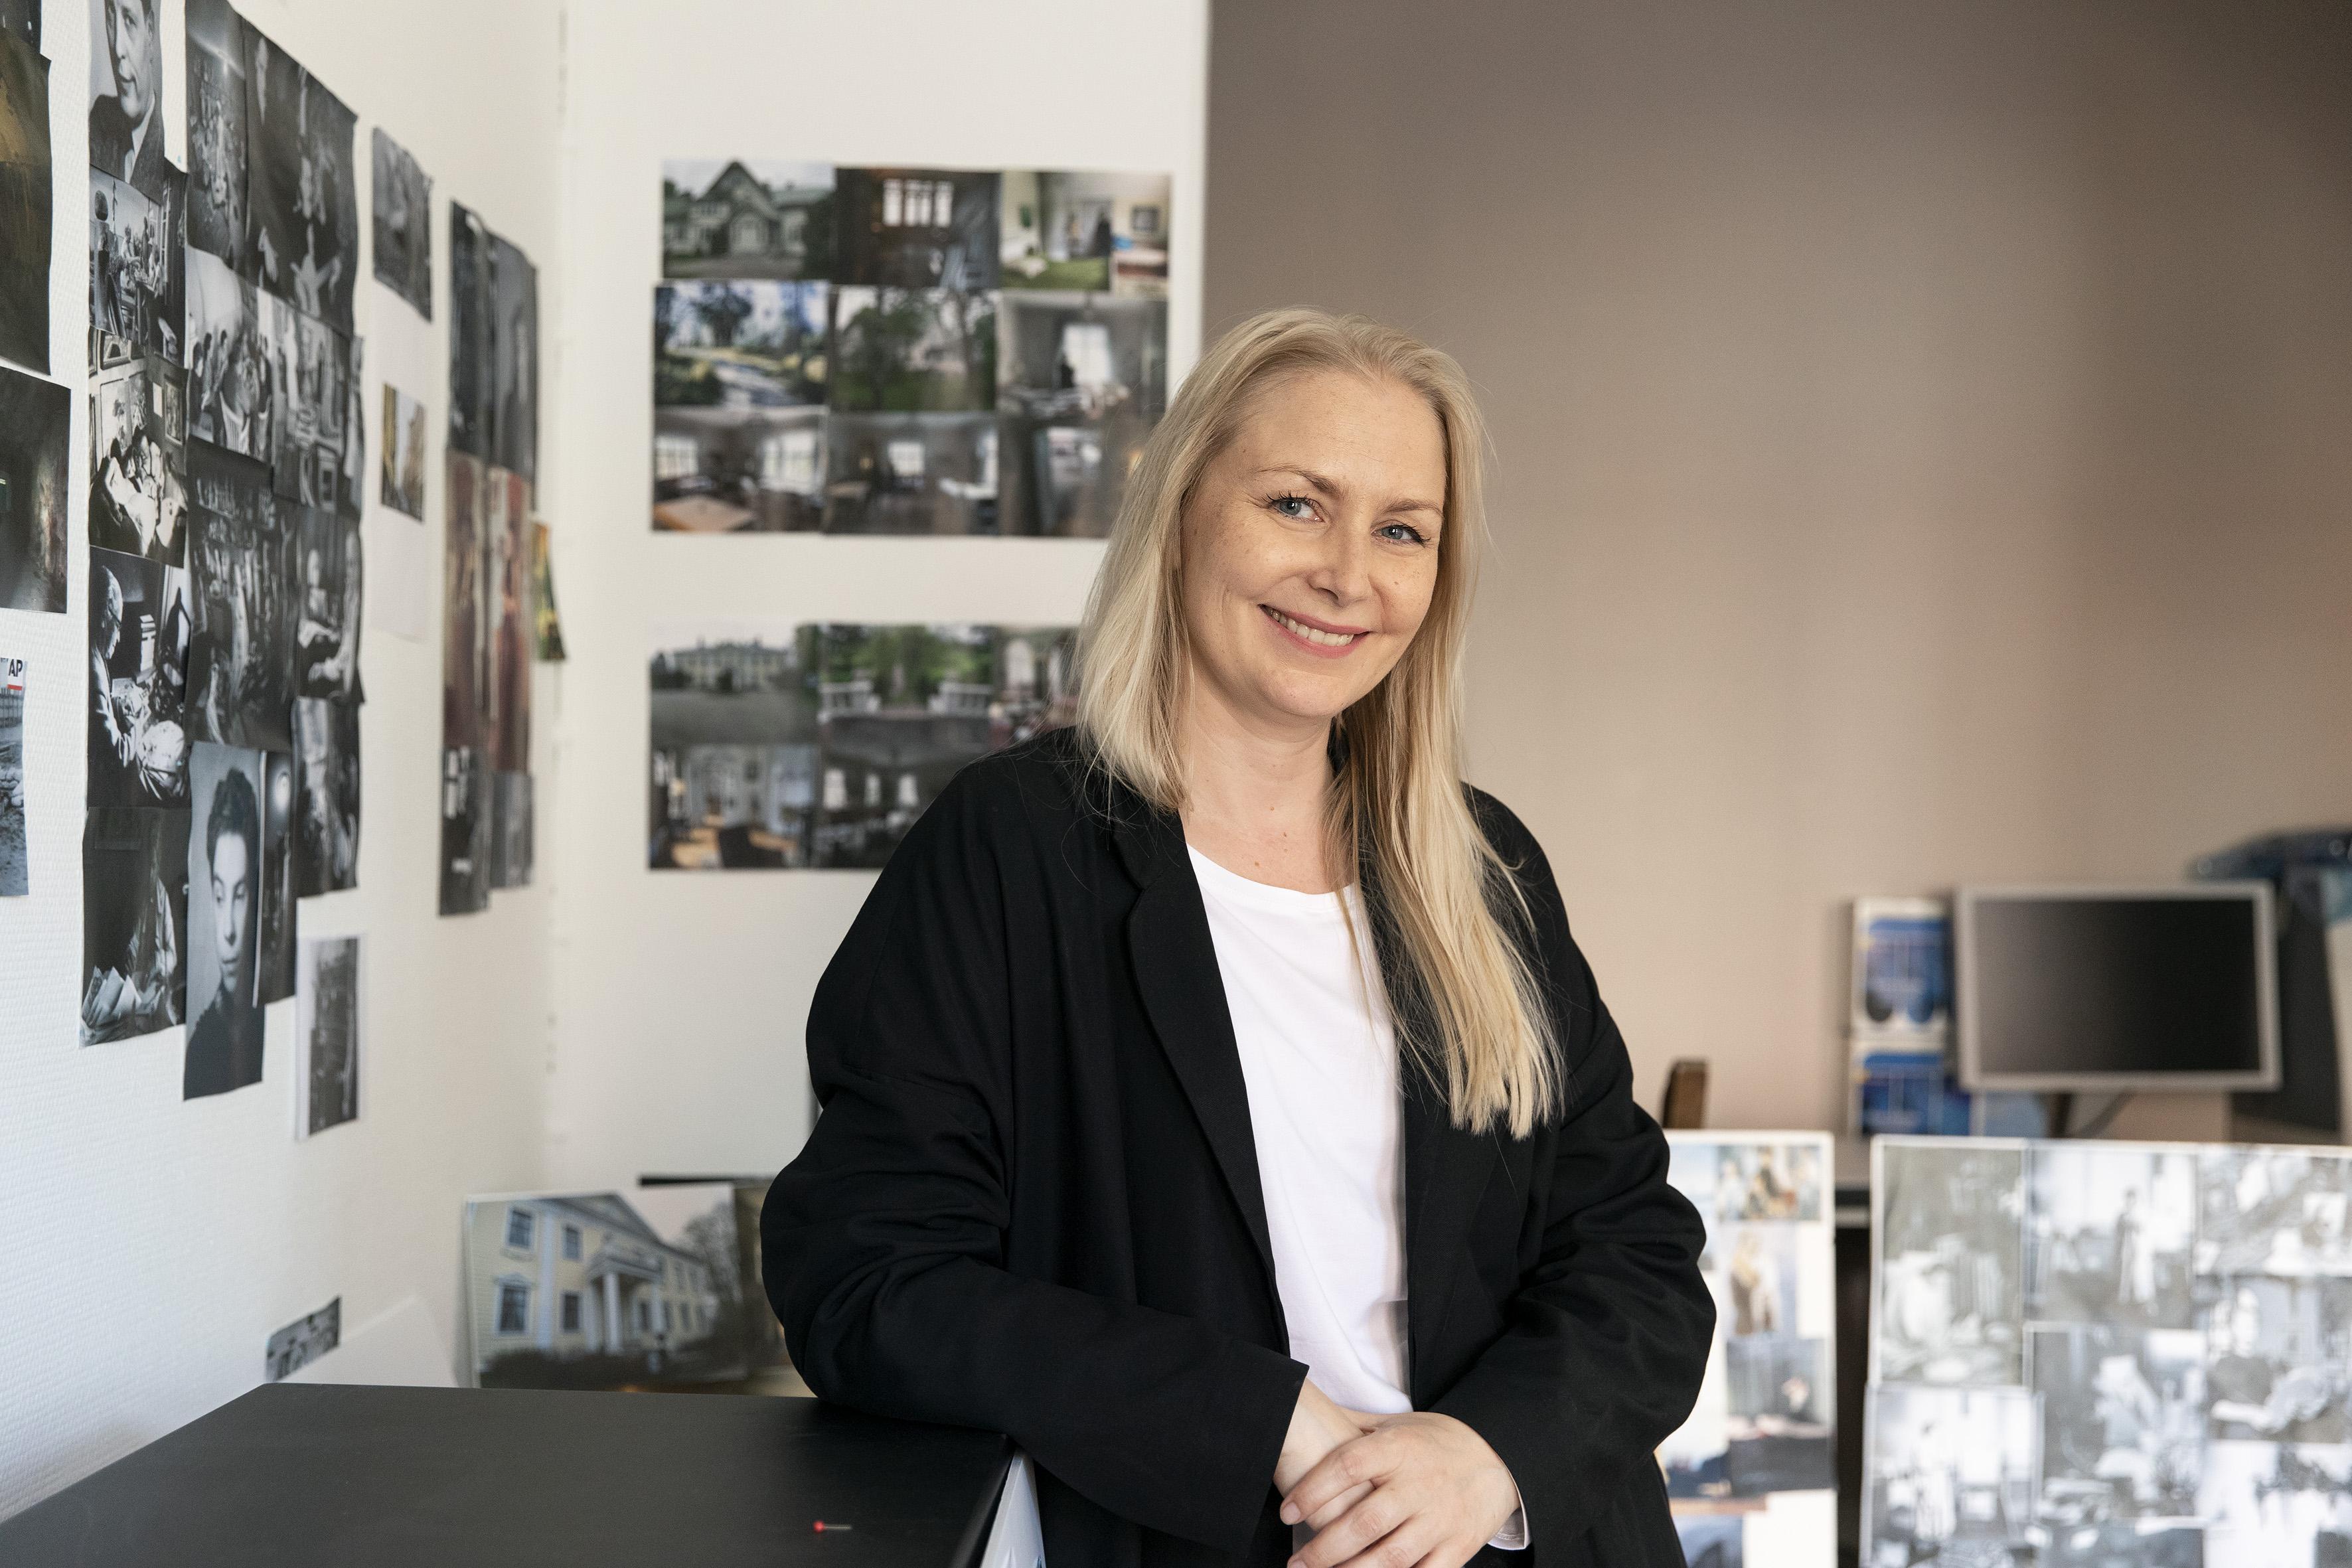 Kuvassa Zaida Bergroth nojaa tasoon ja katsoo suoraan kameraan hymyillen. Taustalla näkyy seinään kiinnitettyjä erilaisia valokuvia.